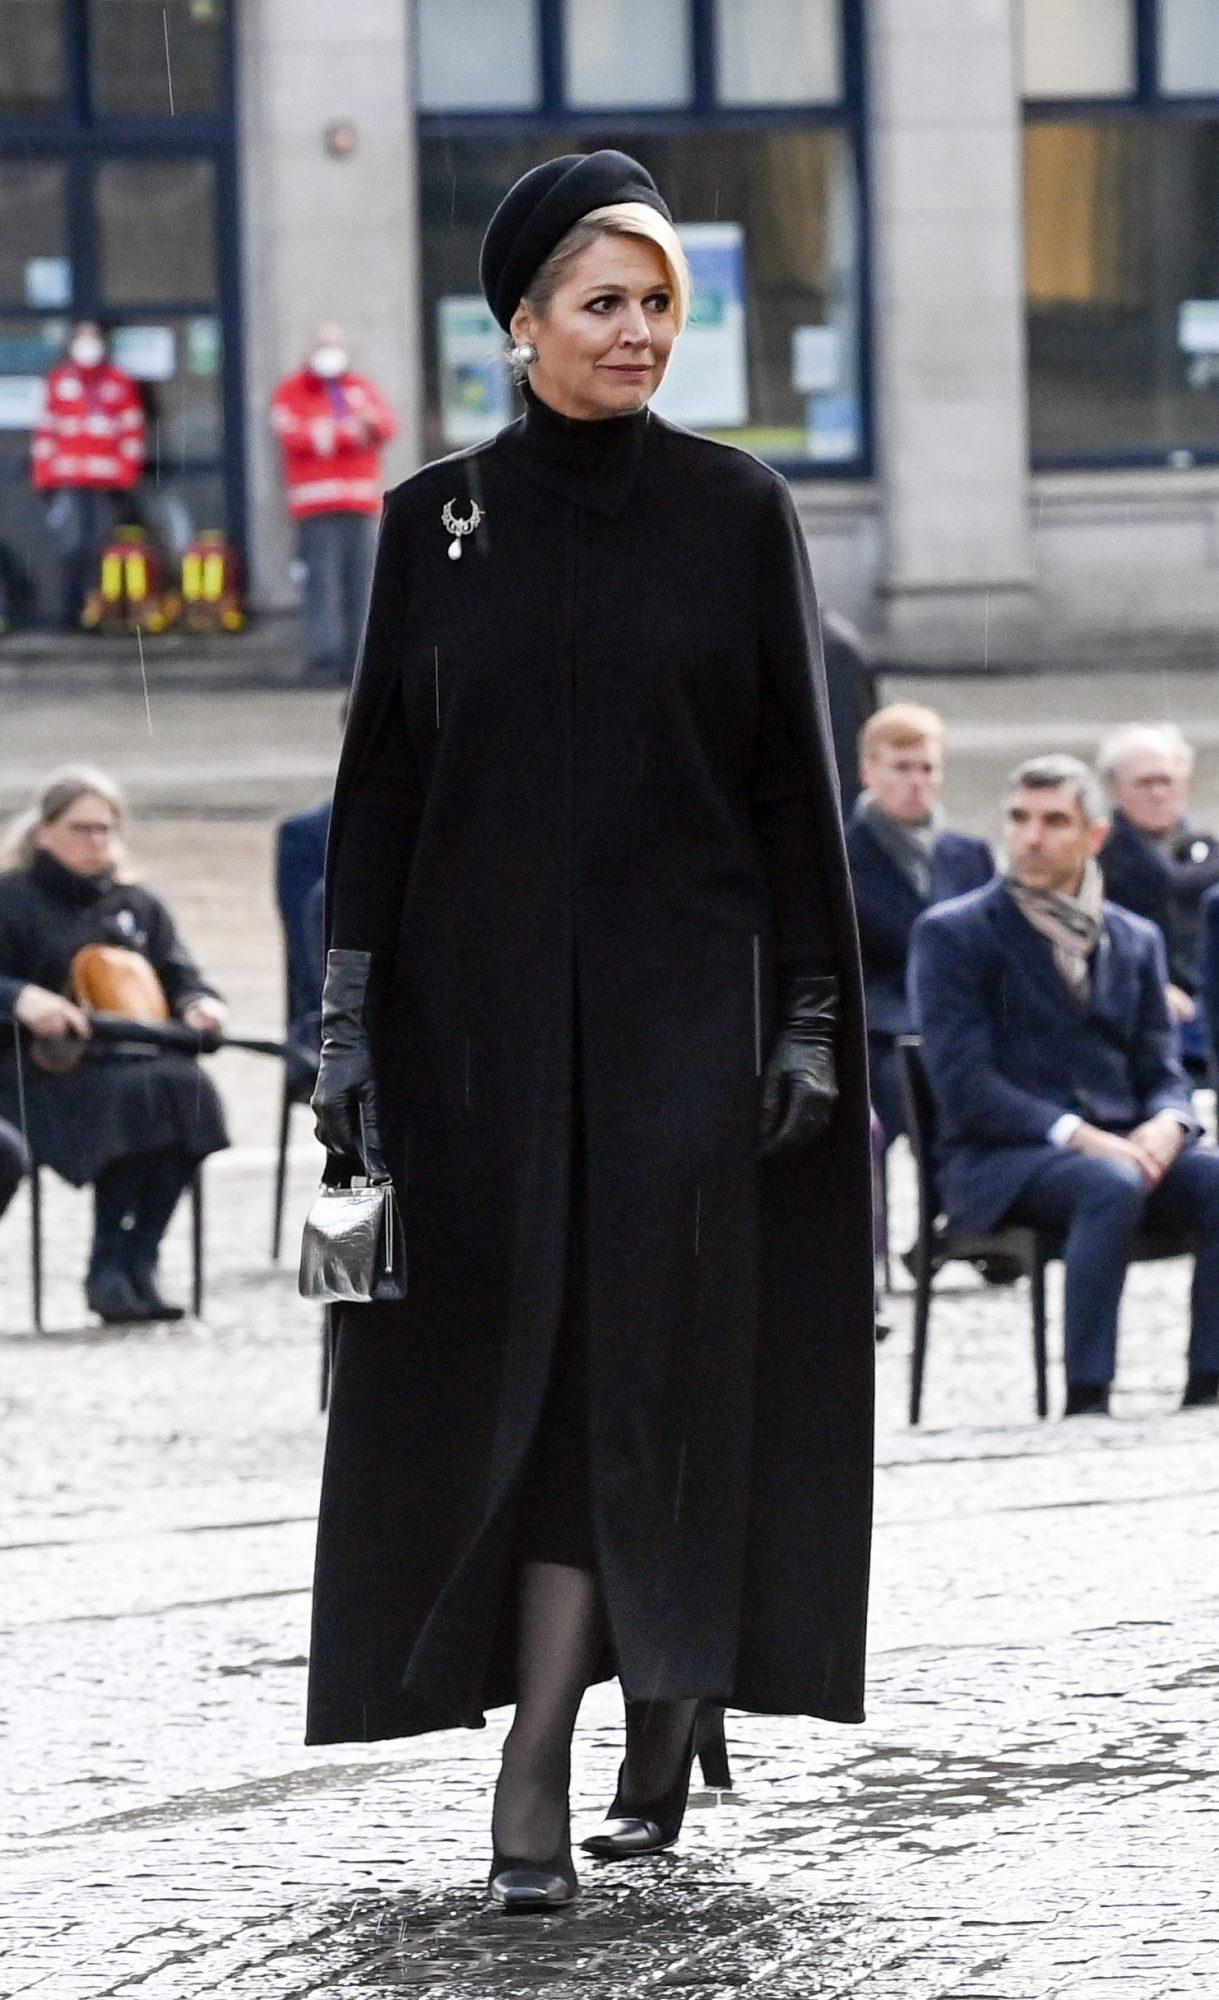 Reina Maxima de Holanda, capa negra